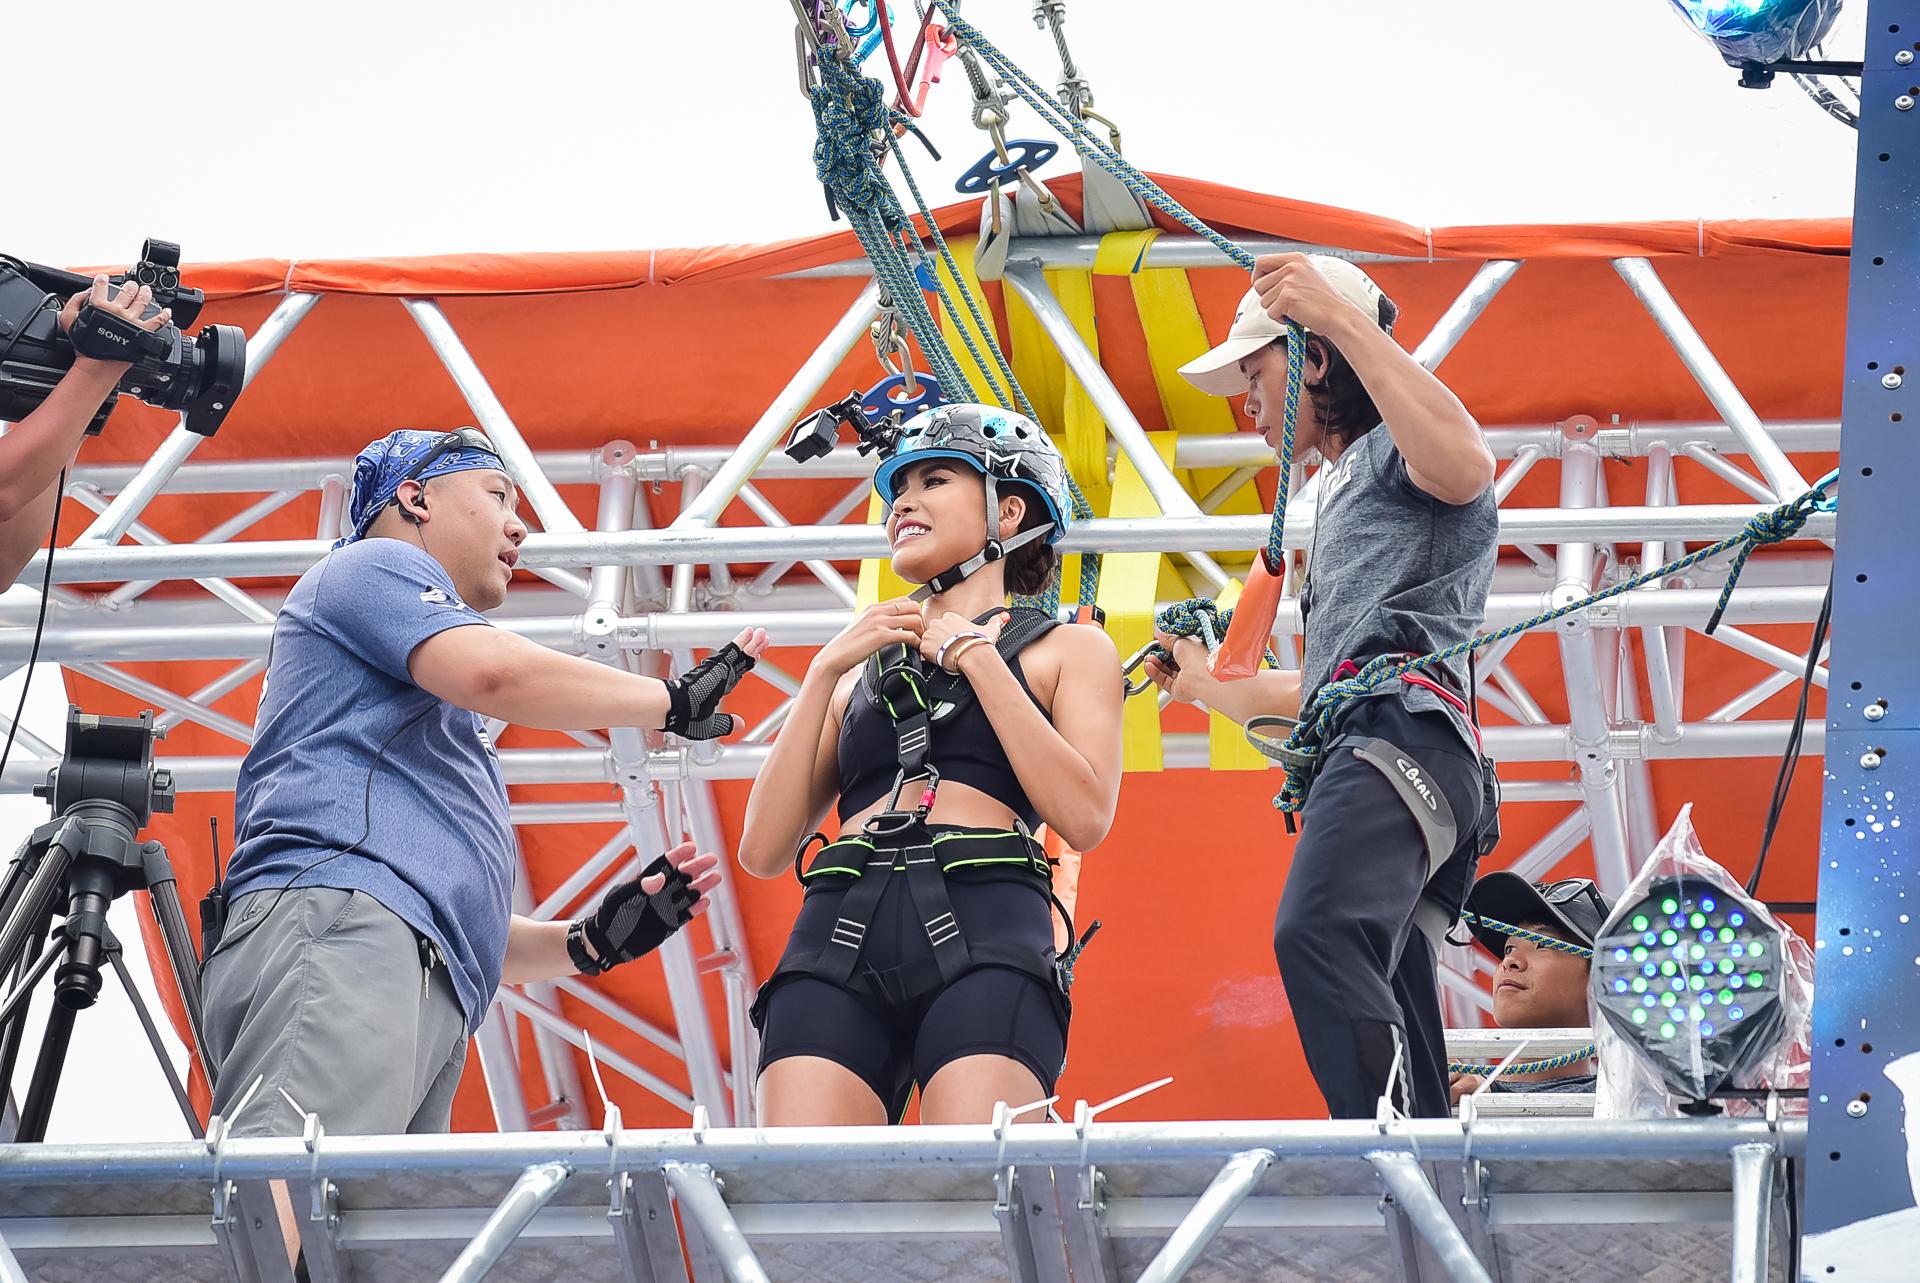 Sao Việt và giới trẻ Sài thành rủ nhau thách thức với zipline mạo hiểm - Ảnh 1.